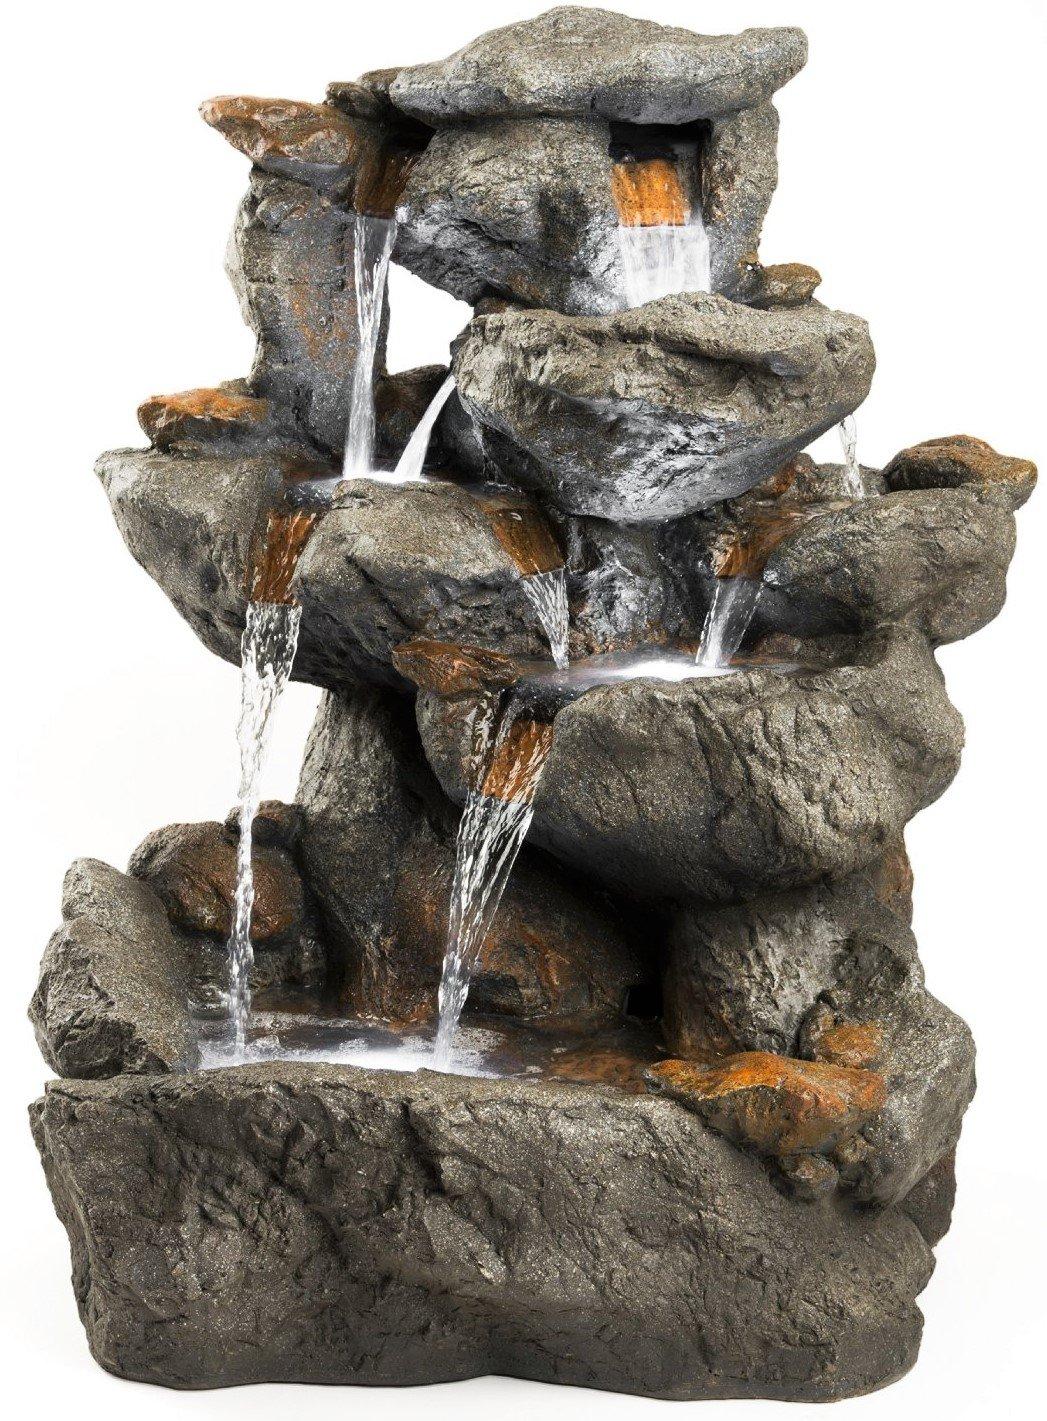 Indoor Rock Garden Amazoncom 33 Granite Rock Waterfall Fountain Outdoor Water